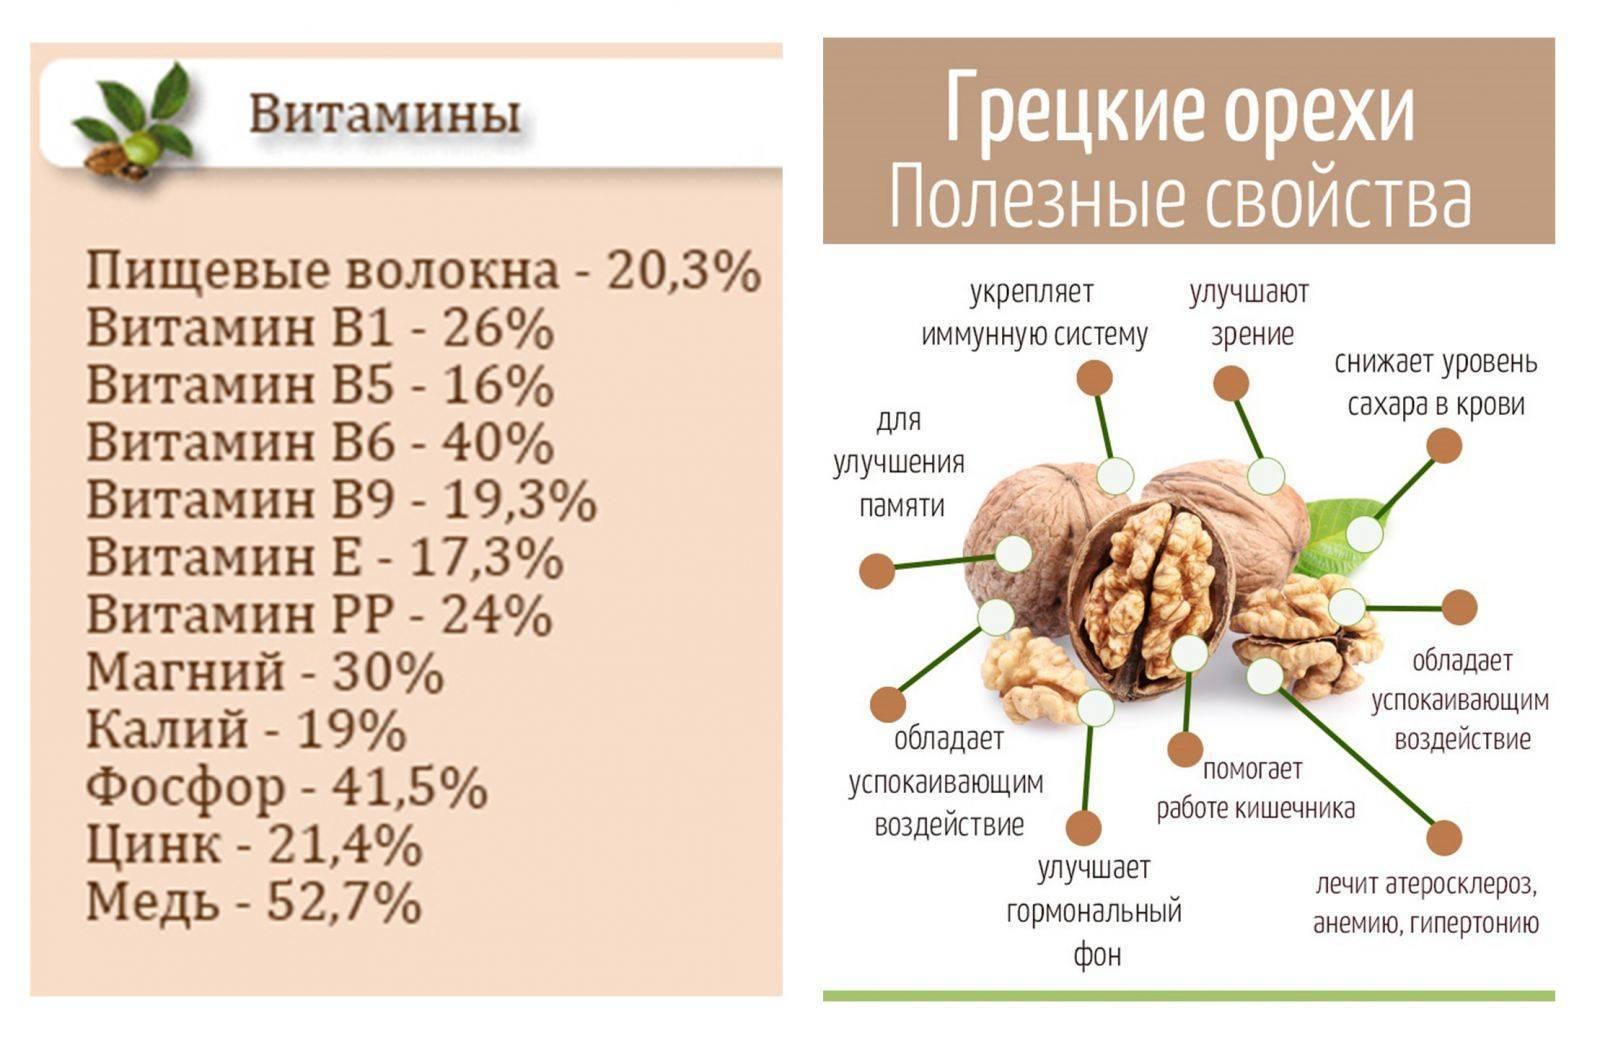 Грецкие орехи: польза и вред для организма | польза и вред